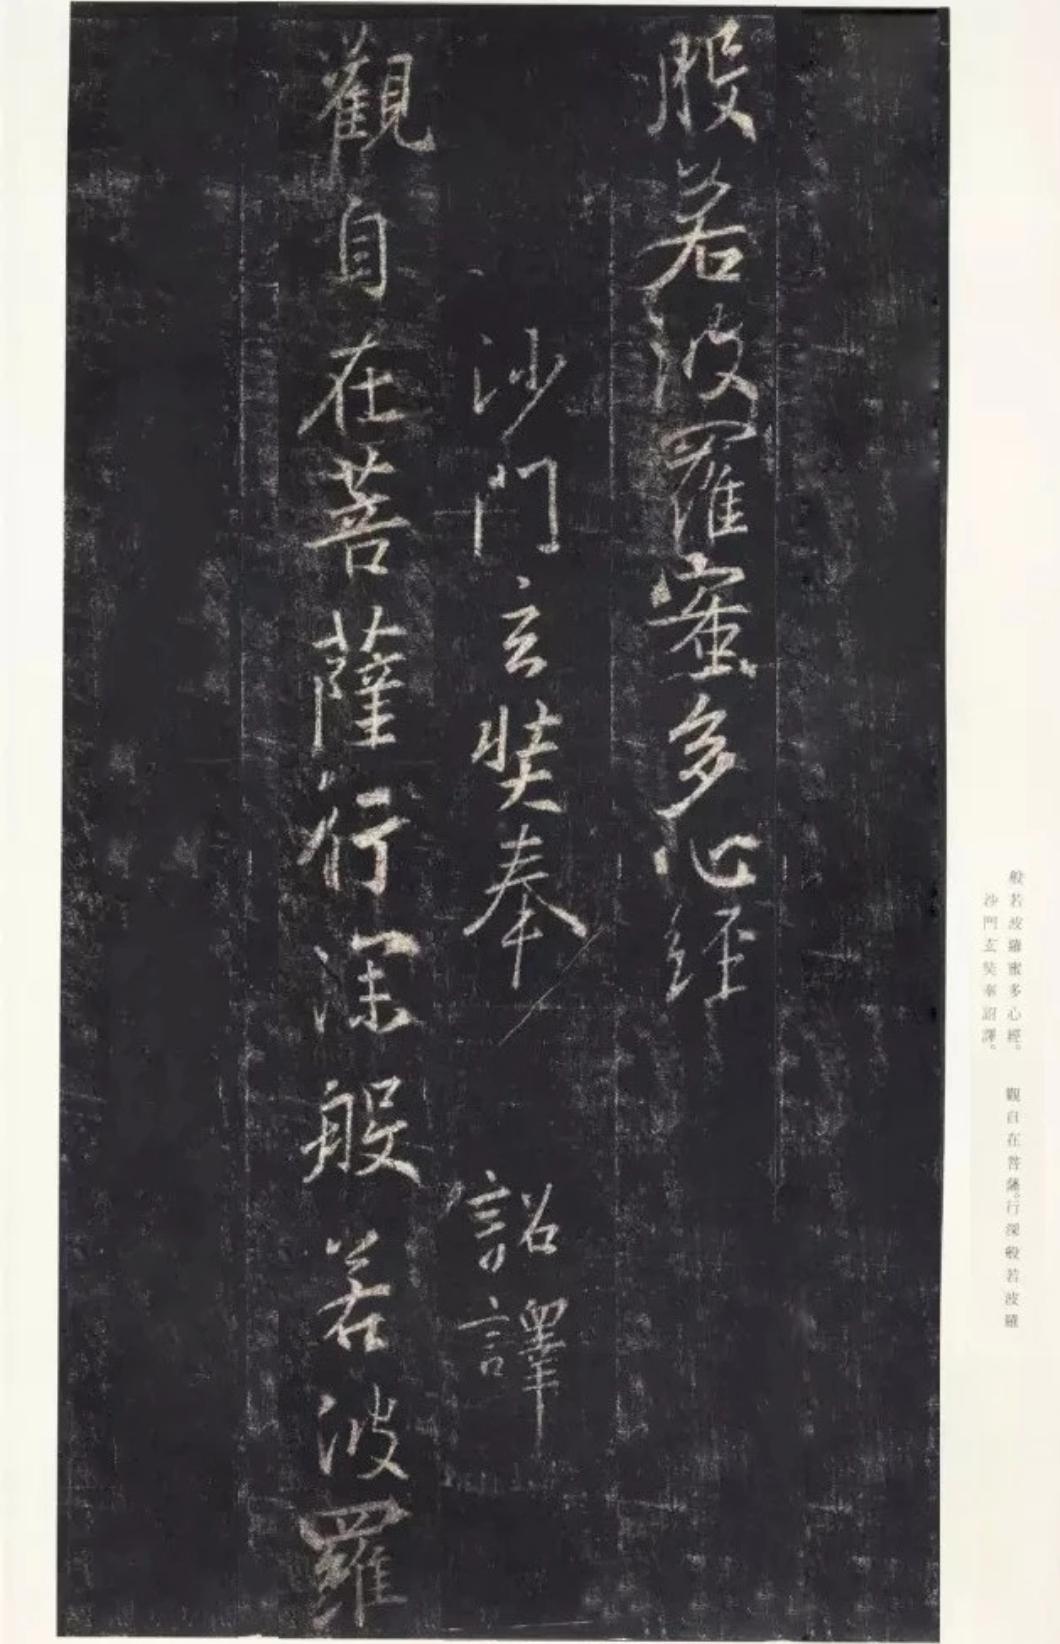 王羲之 行书《心经》  《心经》又称为《摩诃般若波罗蜜多心经》